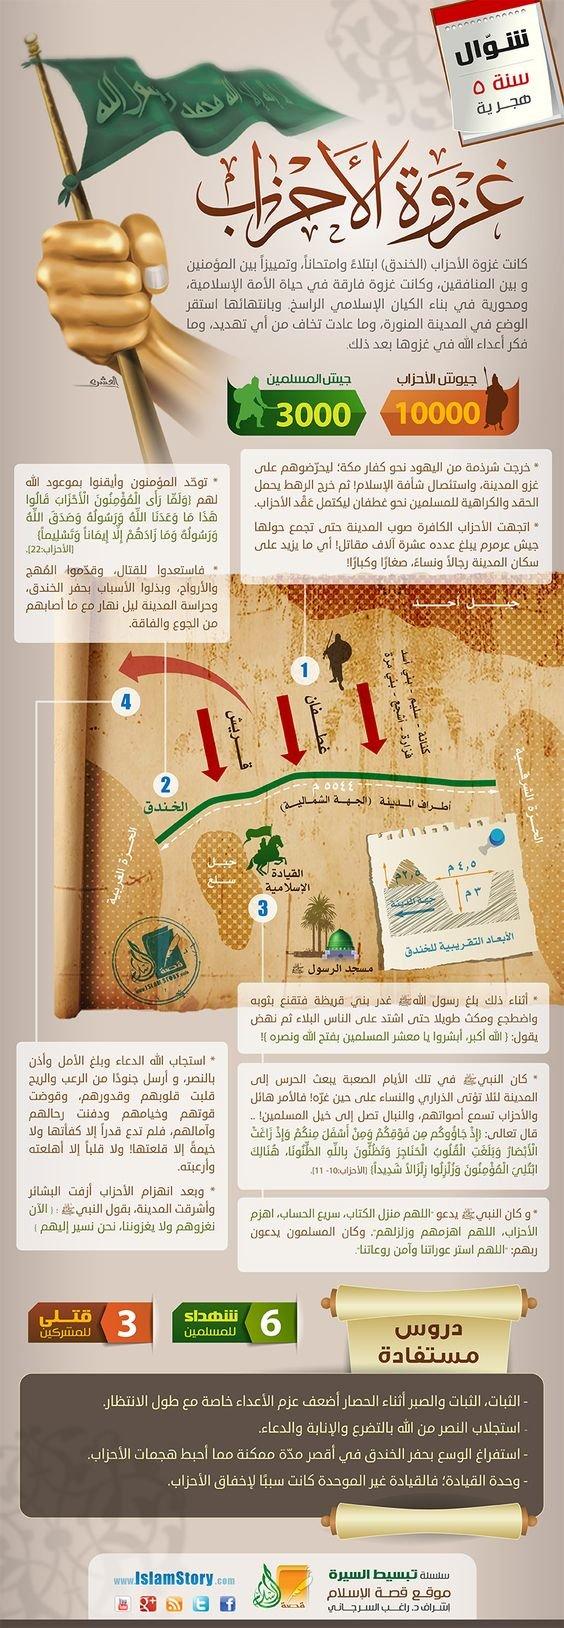 غزوات الرسول صلى الله عليه وسلم - غزوة الأحزاب #انفوجرافيك #انفوجرافيك_عربي